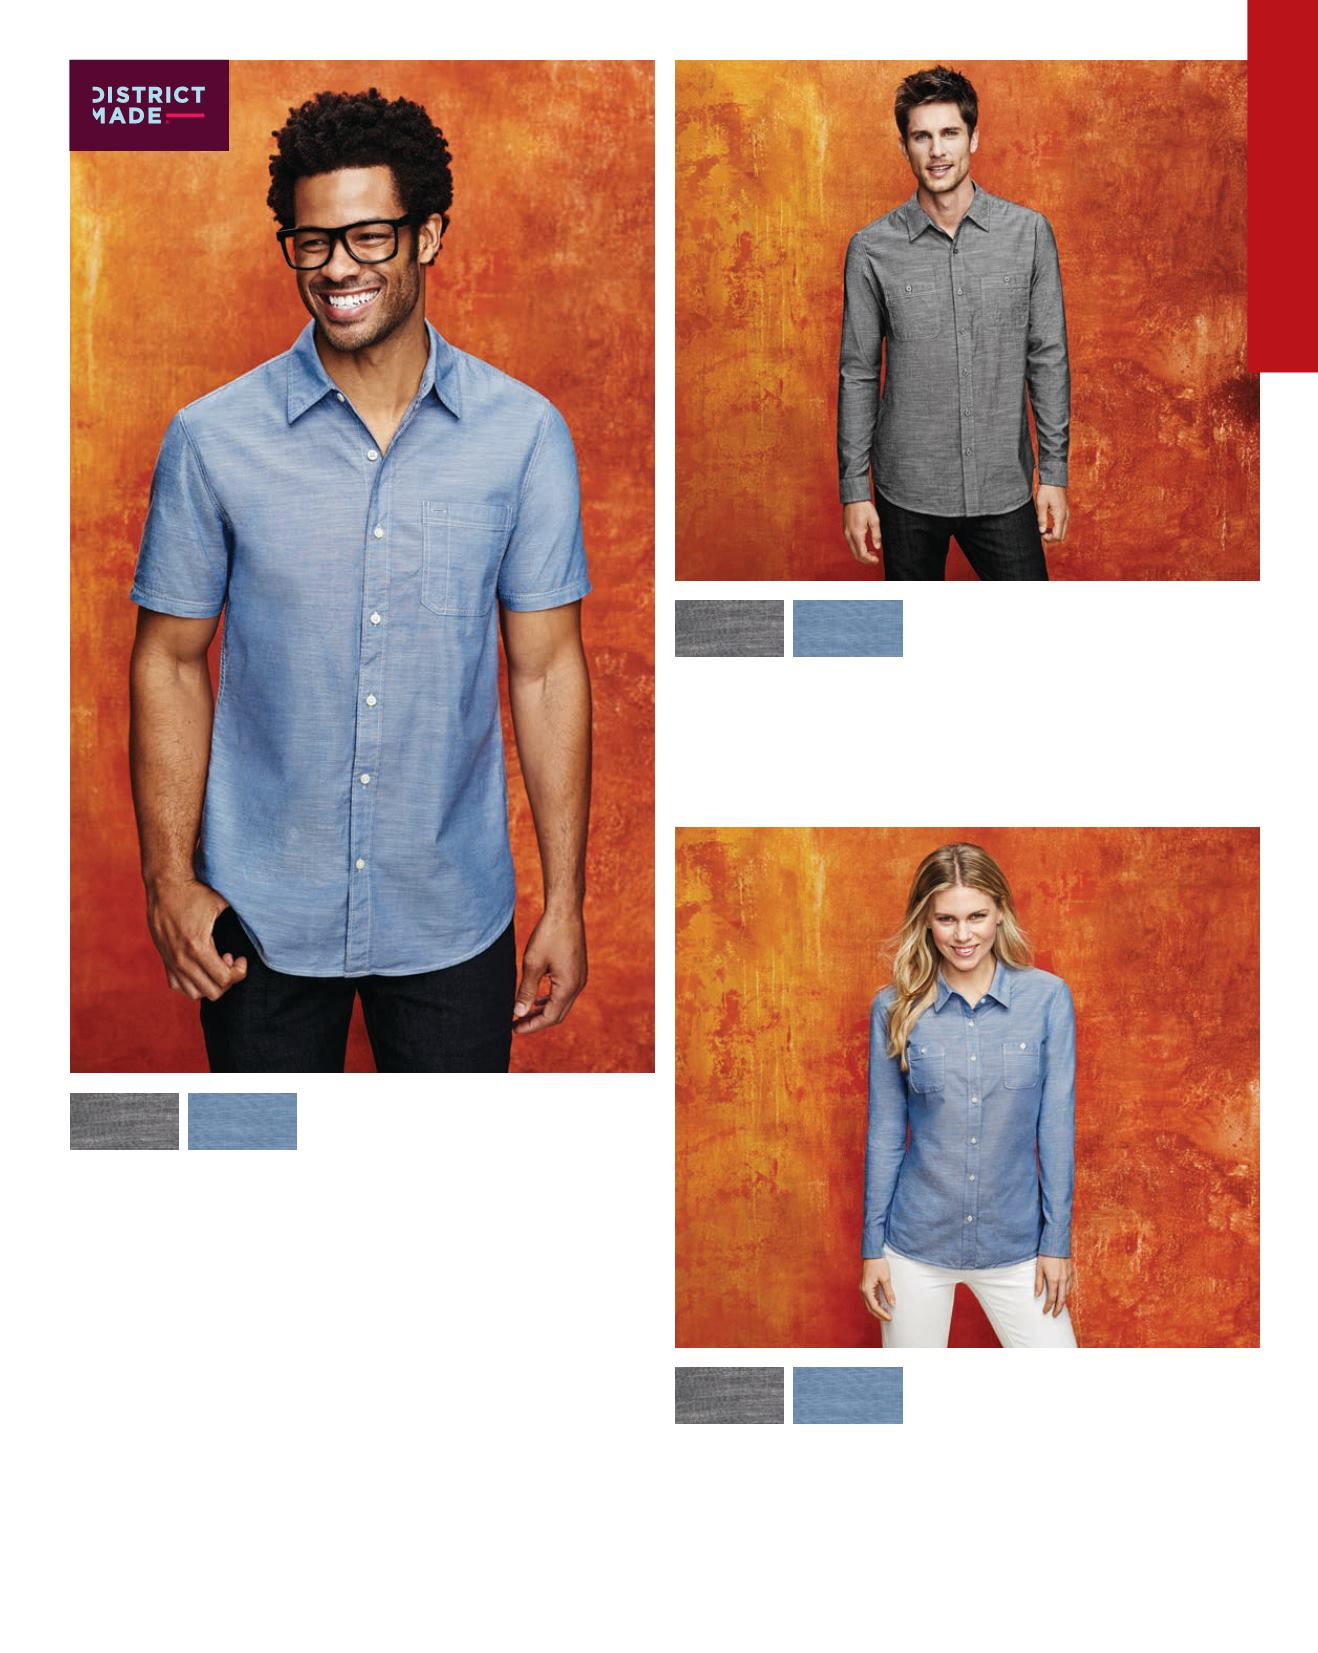 aad34c10 PTS Apparel, Bags & Caps Catalog